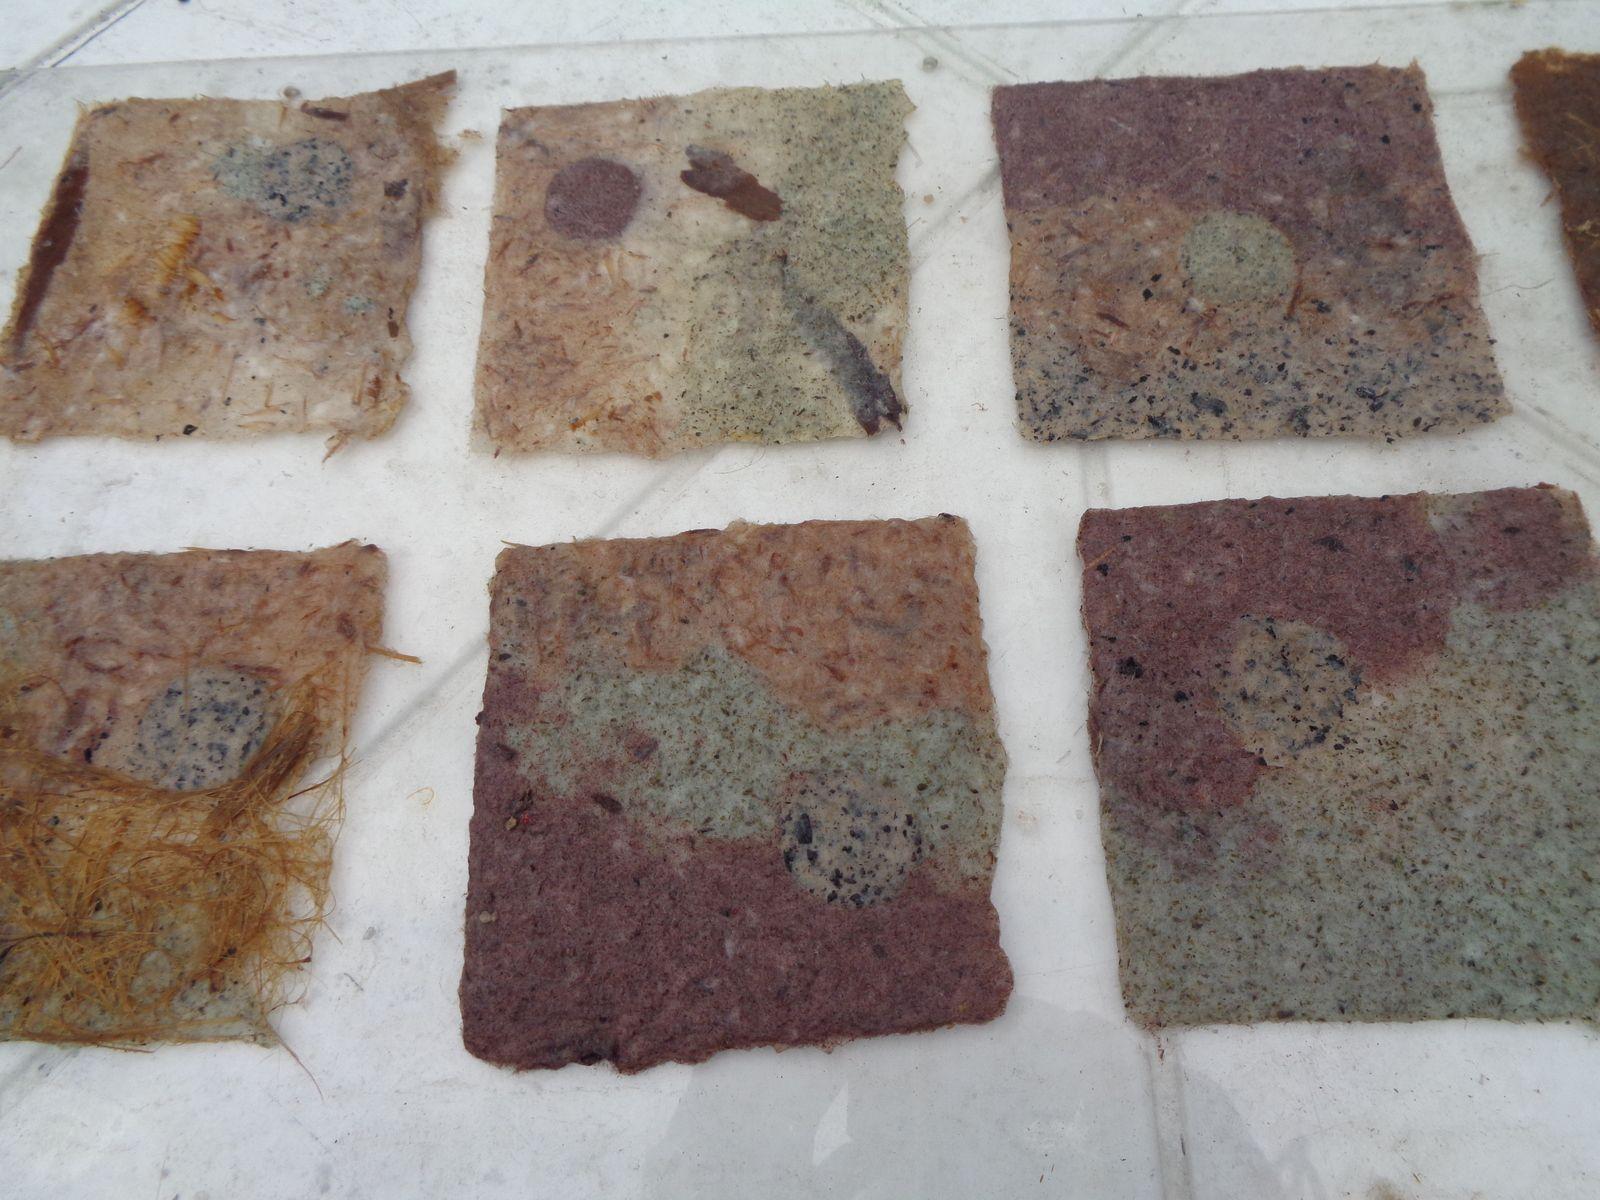 papyrus, tomate, écorce d'eucalyptus, chanvre mixé avec du morta noir, du rouge, du bois de fer, de l'écorce, .... Jouer sur les couleurs , les textures ..............